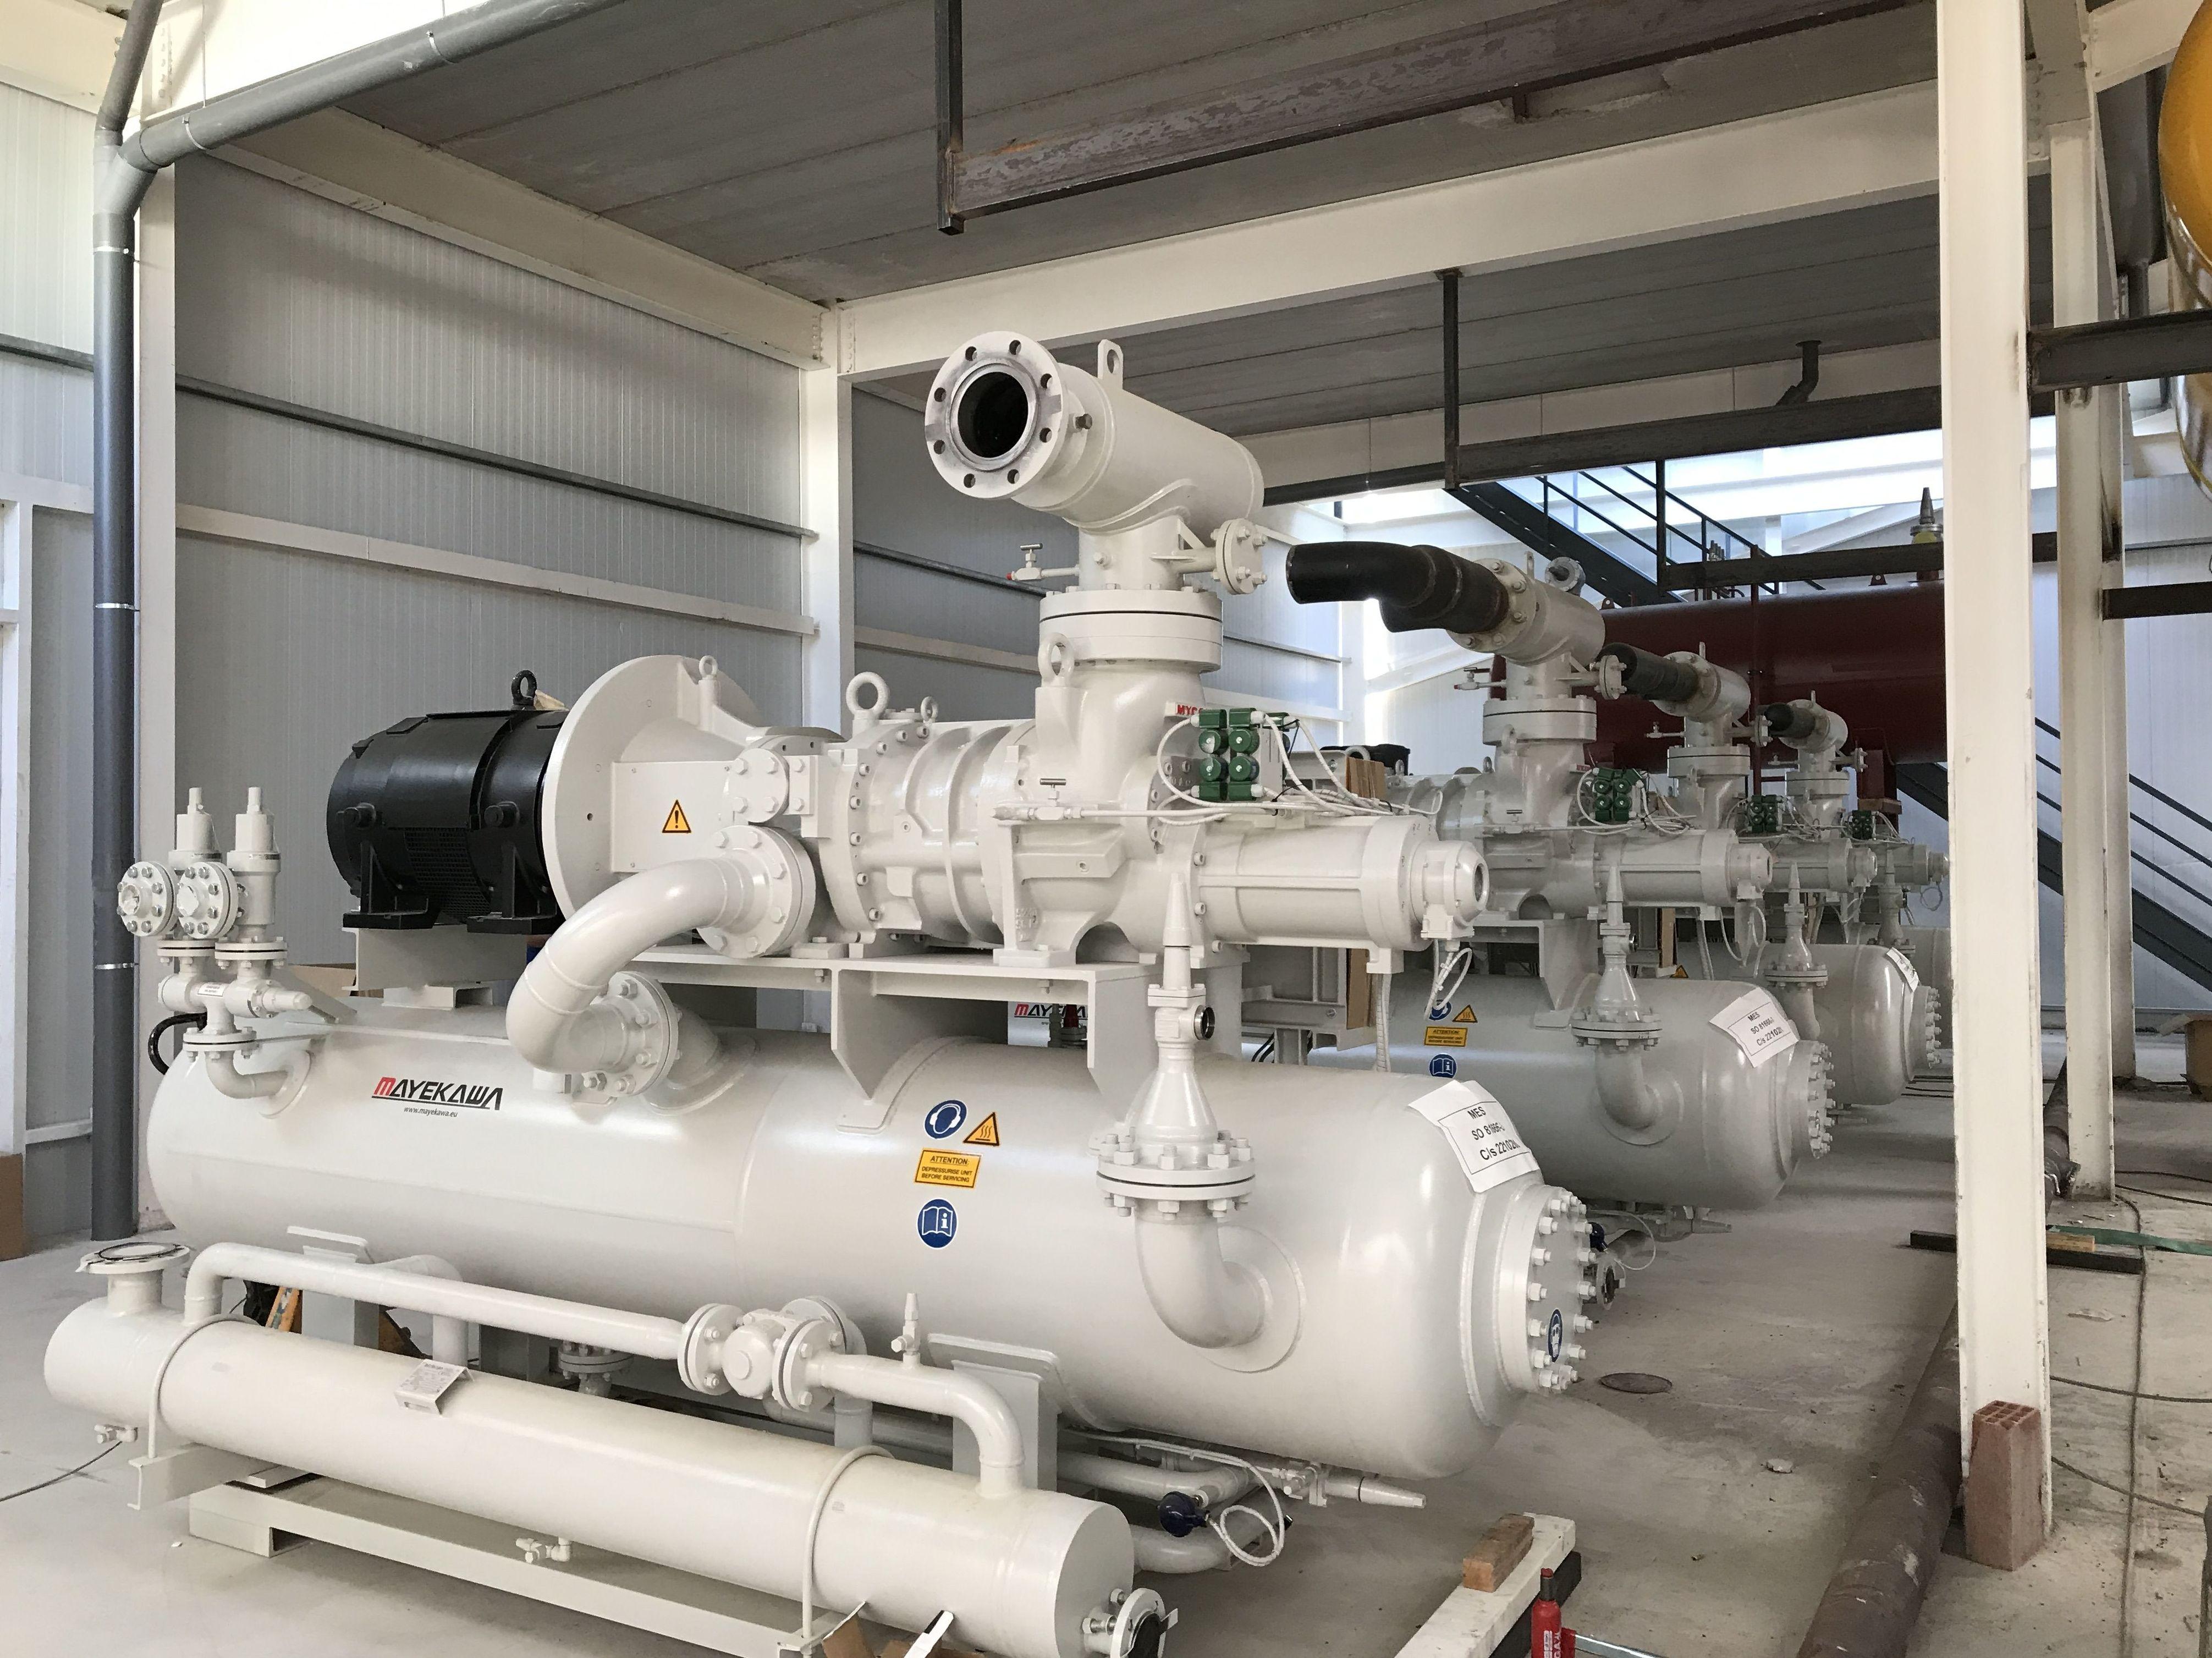 Foto 25 de Especialistas en refrigeración industrial en Alcantarilla | MH Refrigeración